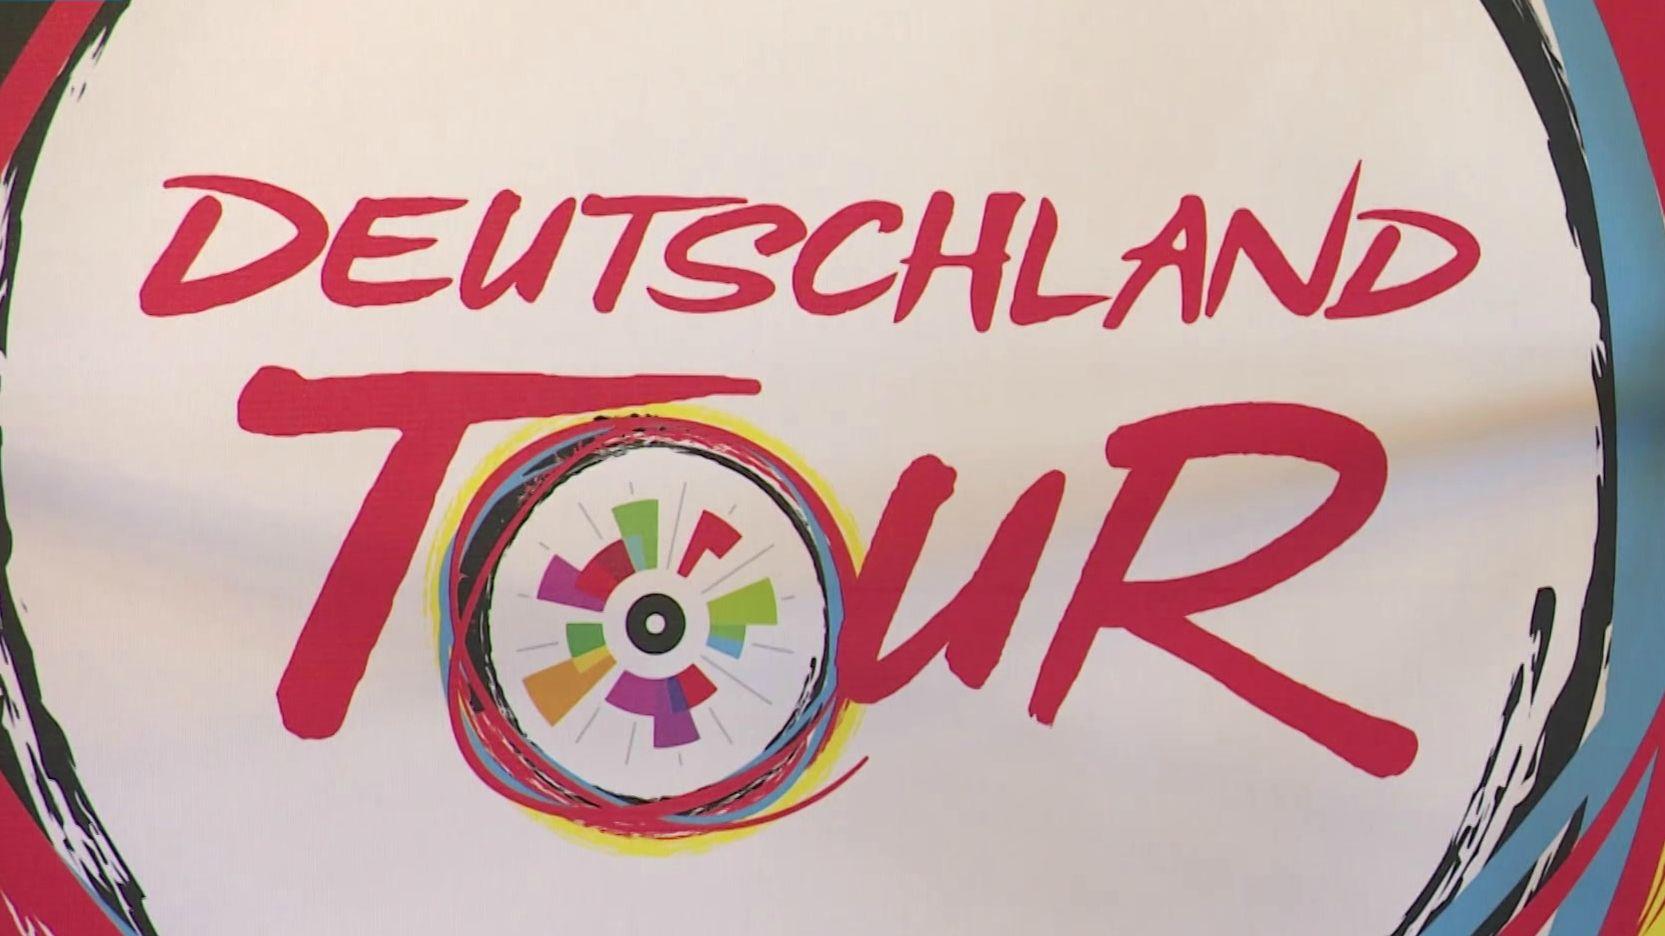 Nürnberg wird Zielort der Deutschland-Tour 2020